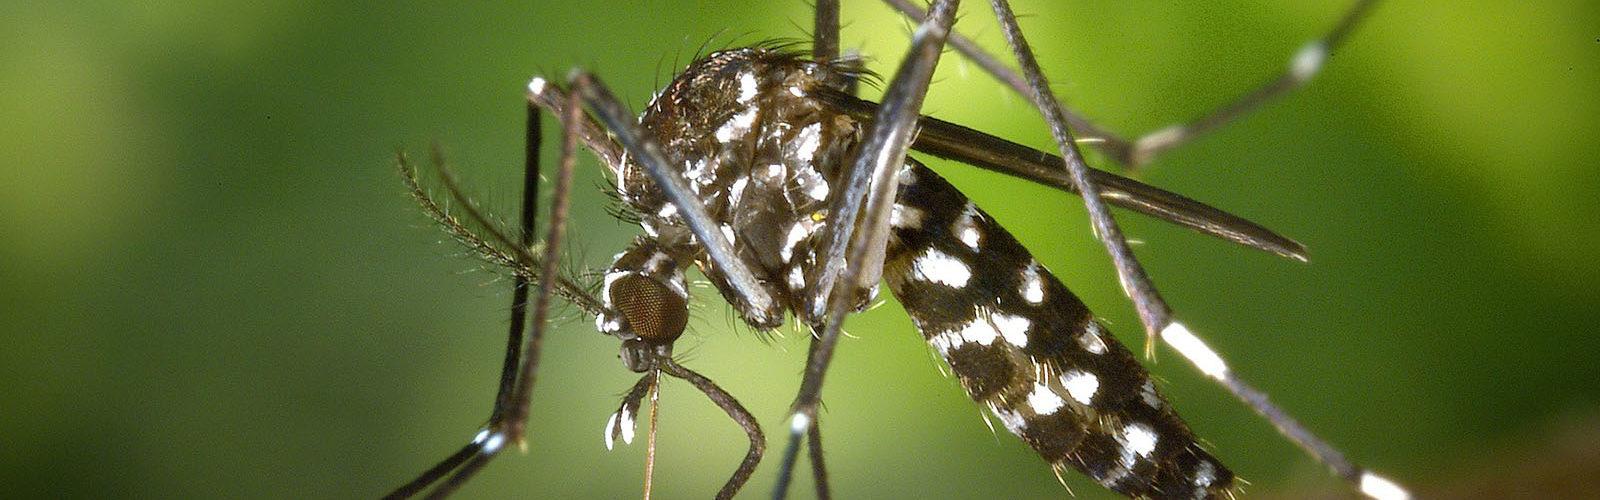 moustiques-ete-georgie-atlanta-une